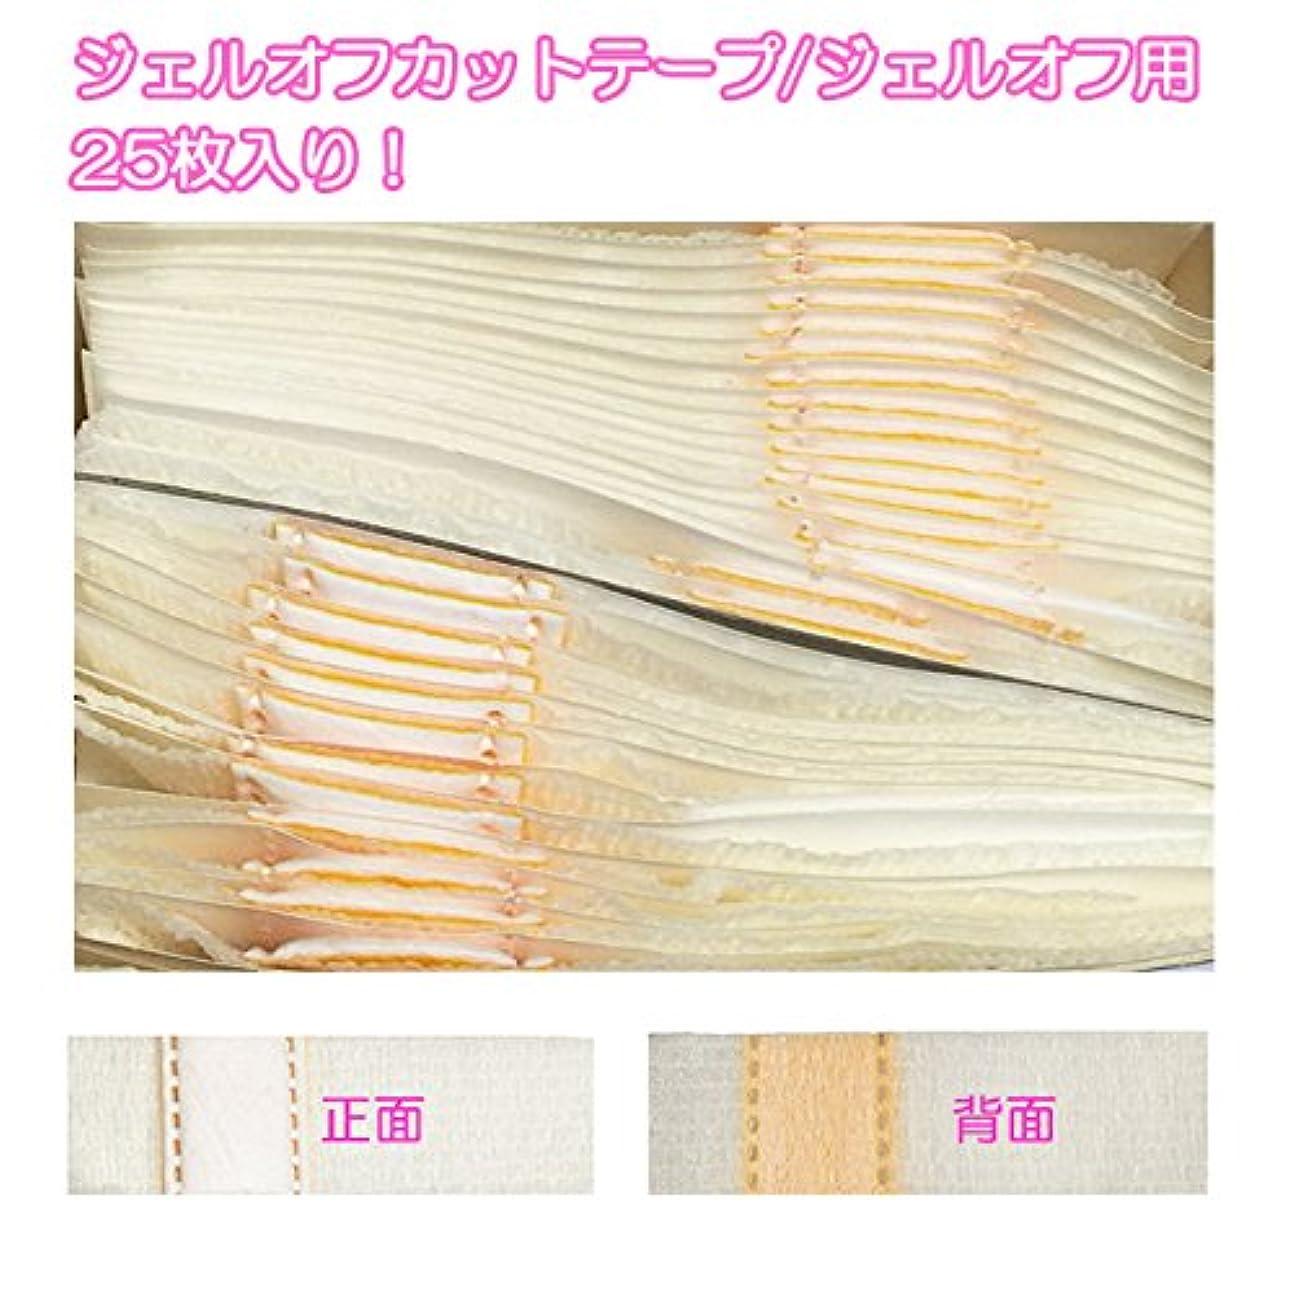 ダニ松明きゅうりジェルオフカットテープ/ジェルオフ用【25枚入り】 (ホワイト)